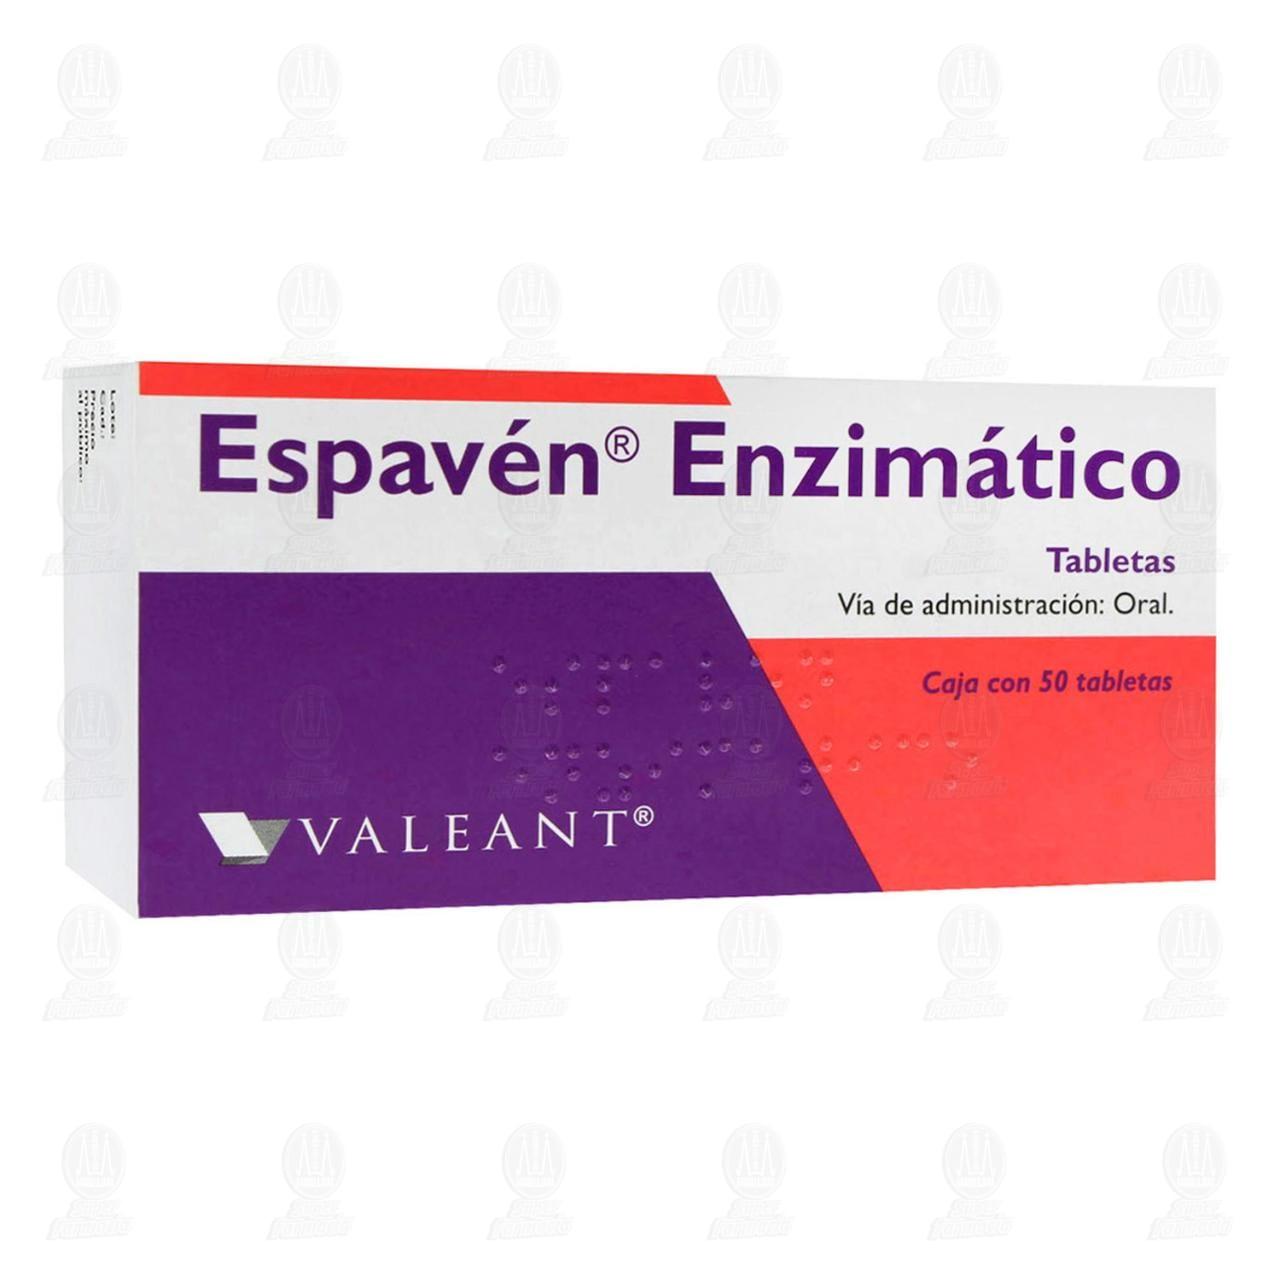 comprar https://www.movil.farmaciasguadalajara.com/wcsstore/FGCAS/wcs/products/915777_A_1280_AL.jpg en farmacias guadalajara